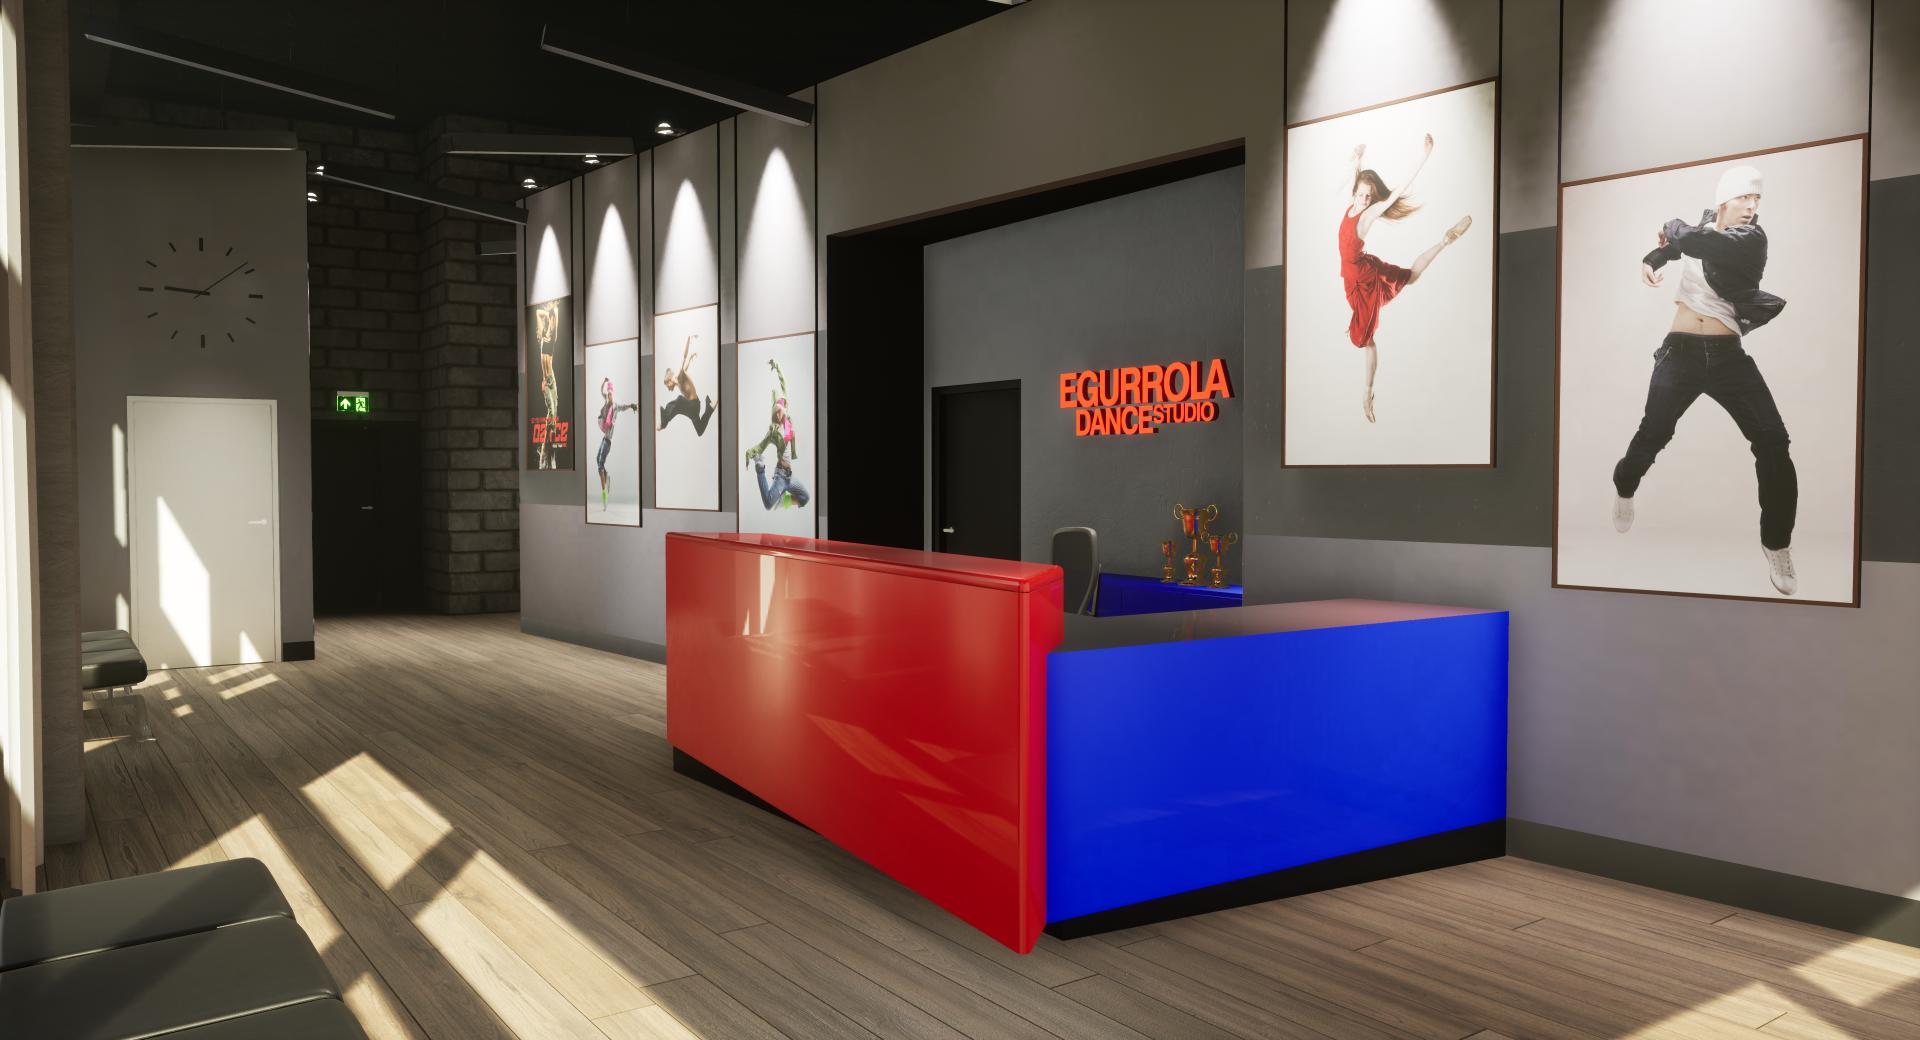 Egurrola Dance Studio – wizualizacja